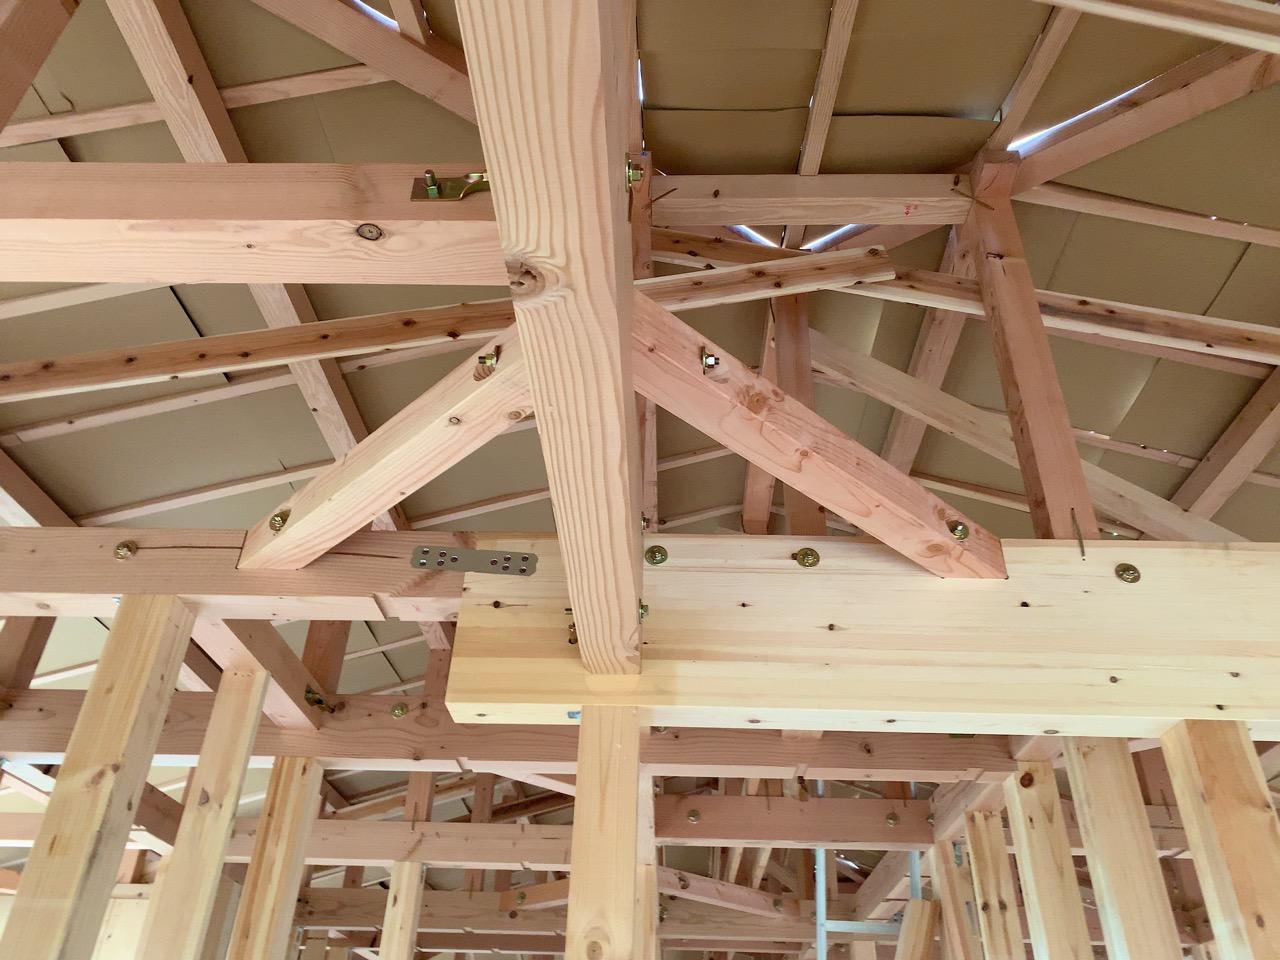 天井まで骨組みが見えるのはこの機会のみ!